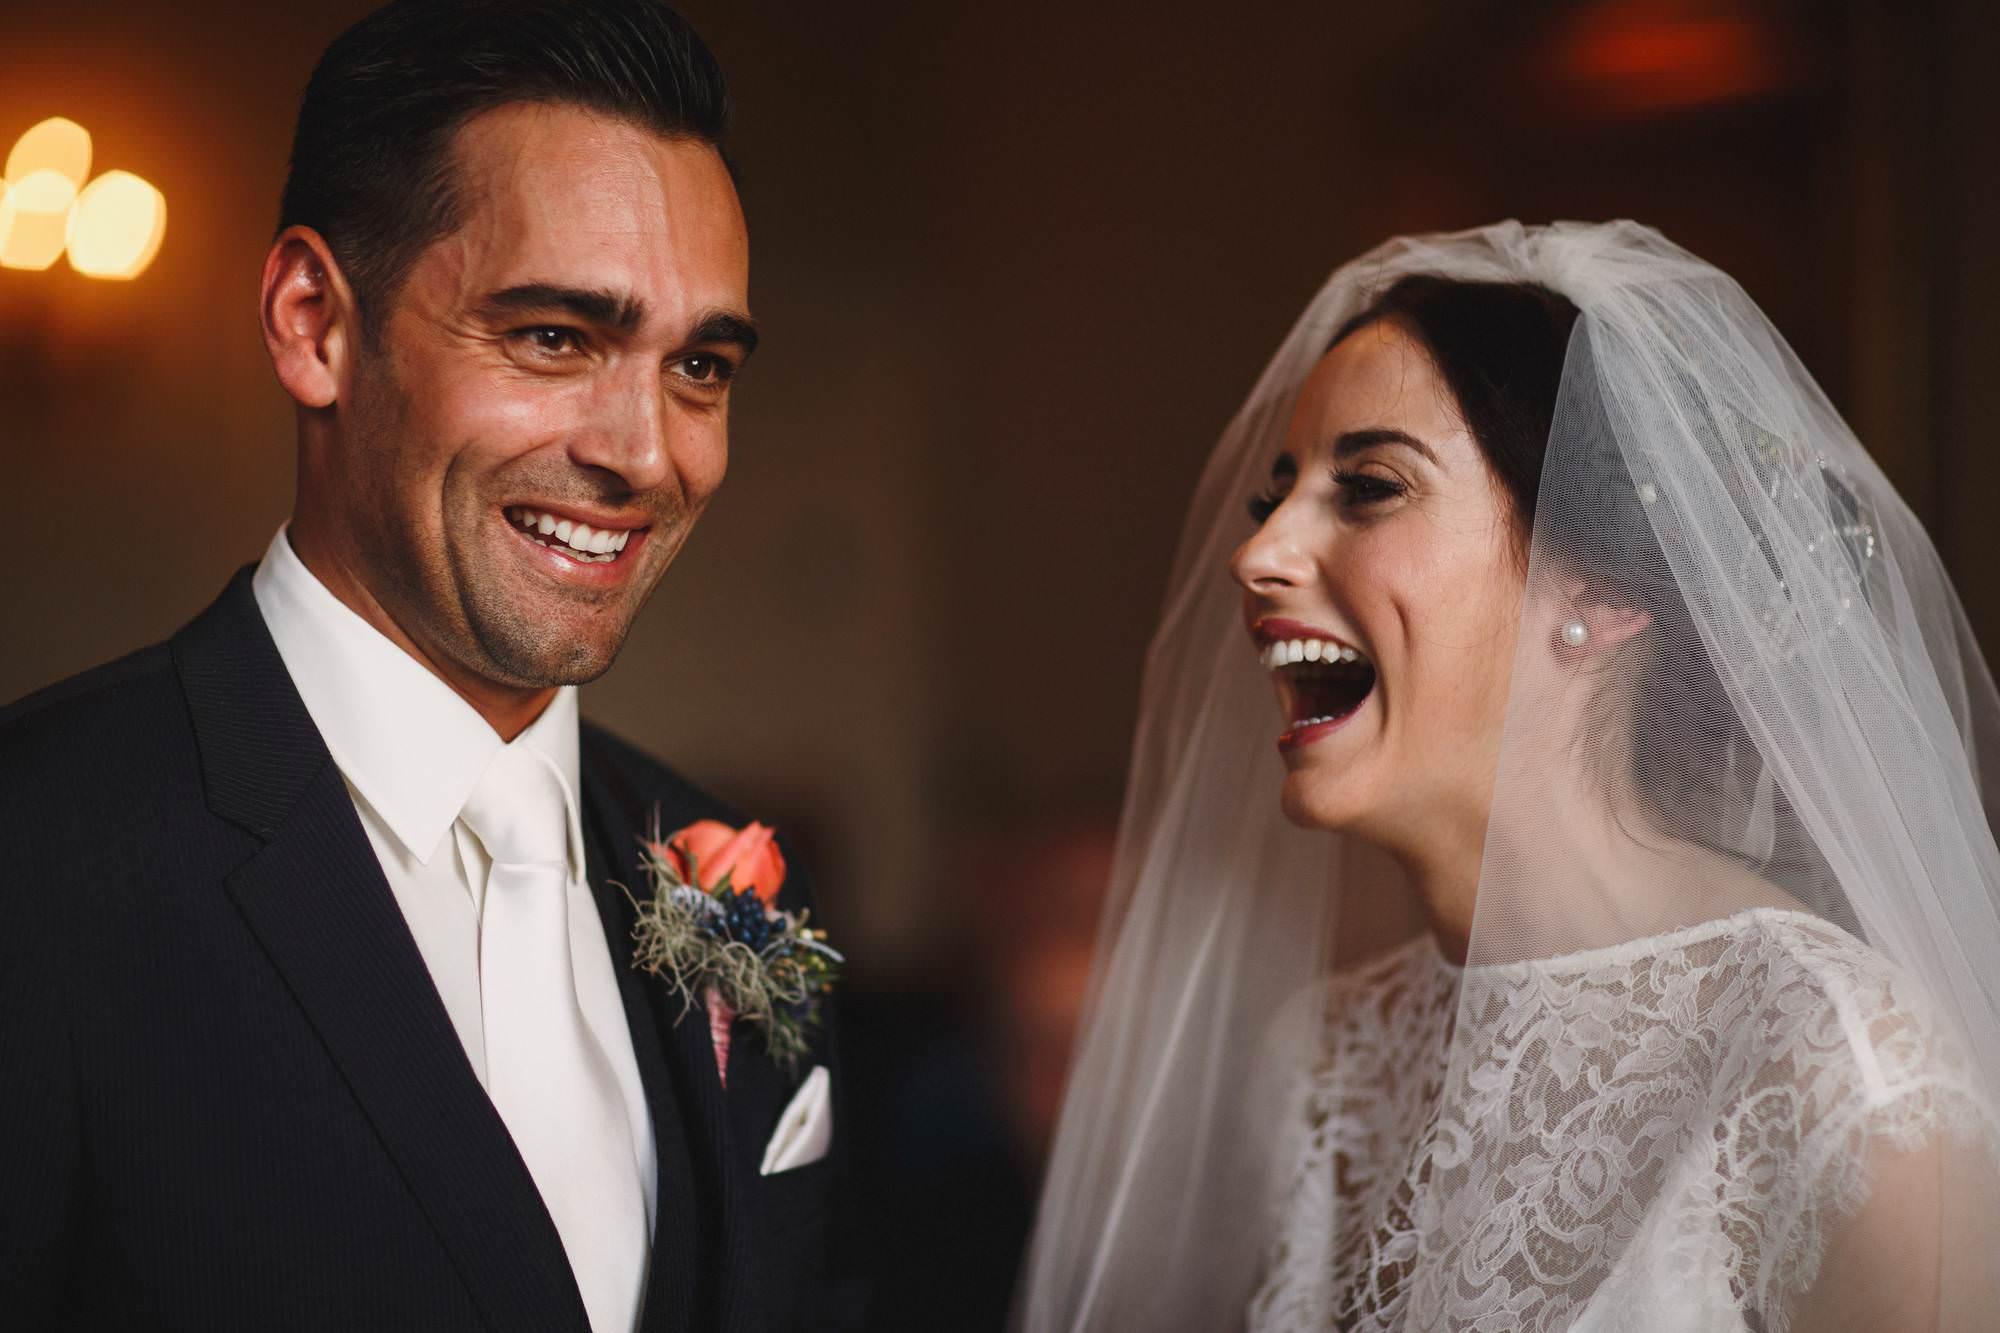 Iscoyd park wedding ceremony photography. Happy bride and groom.